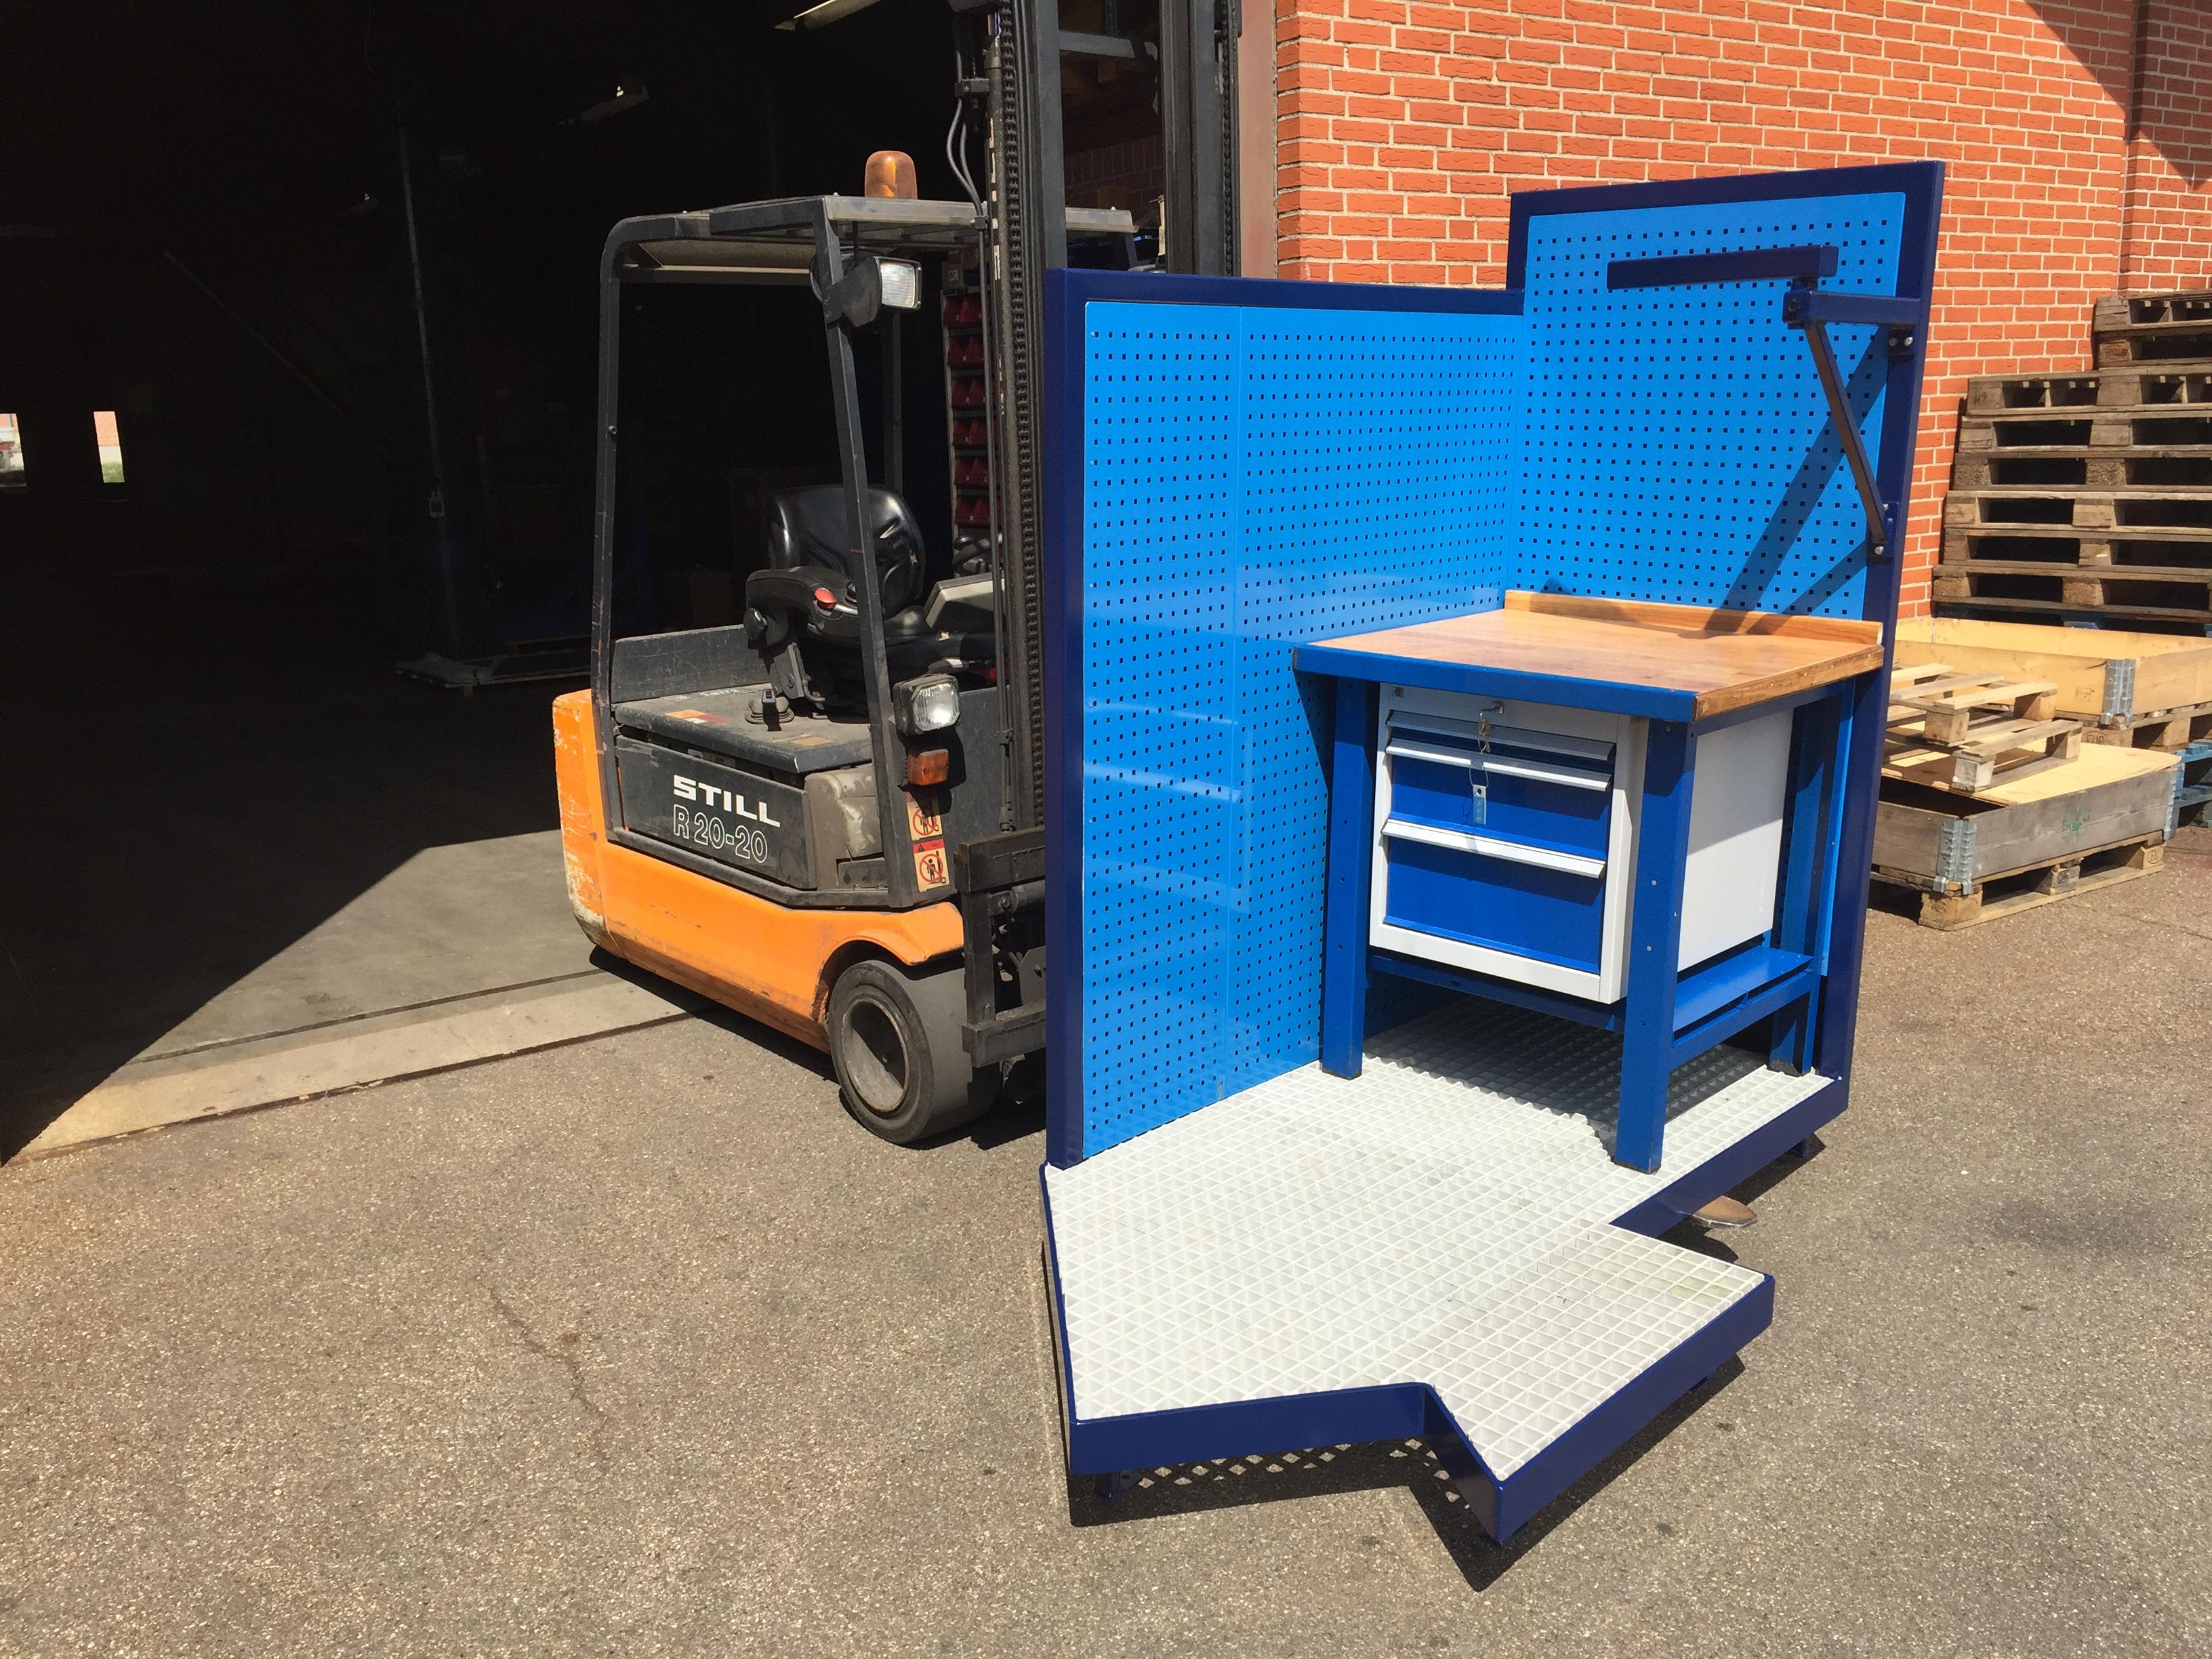 Arbejdsplatform med inventar og fiberrist - Monteret og klar til levering